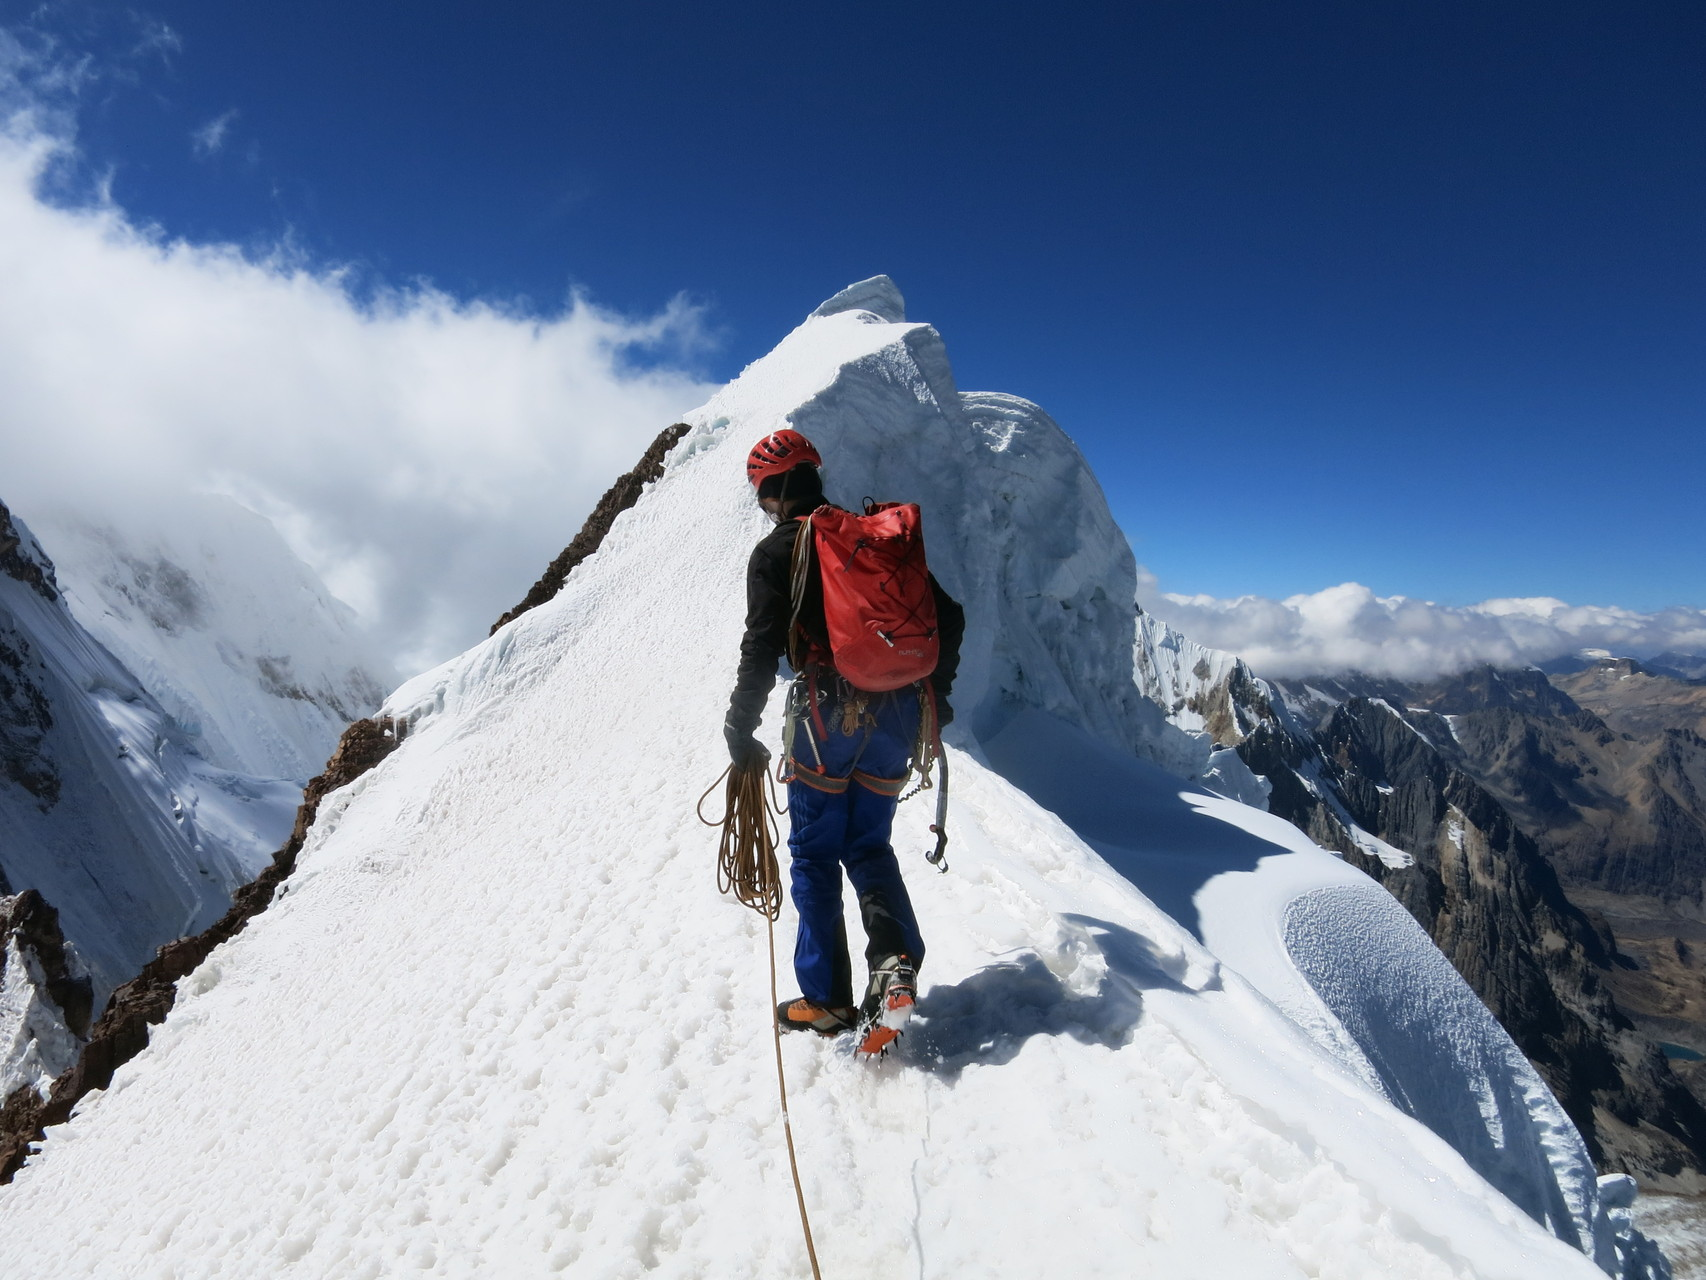 Auf dem Firngrat zum 5810m hohen Gipfel des Seria Norte